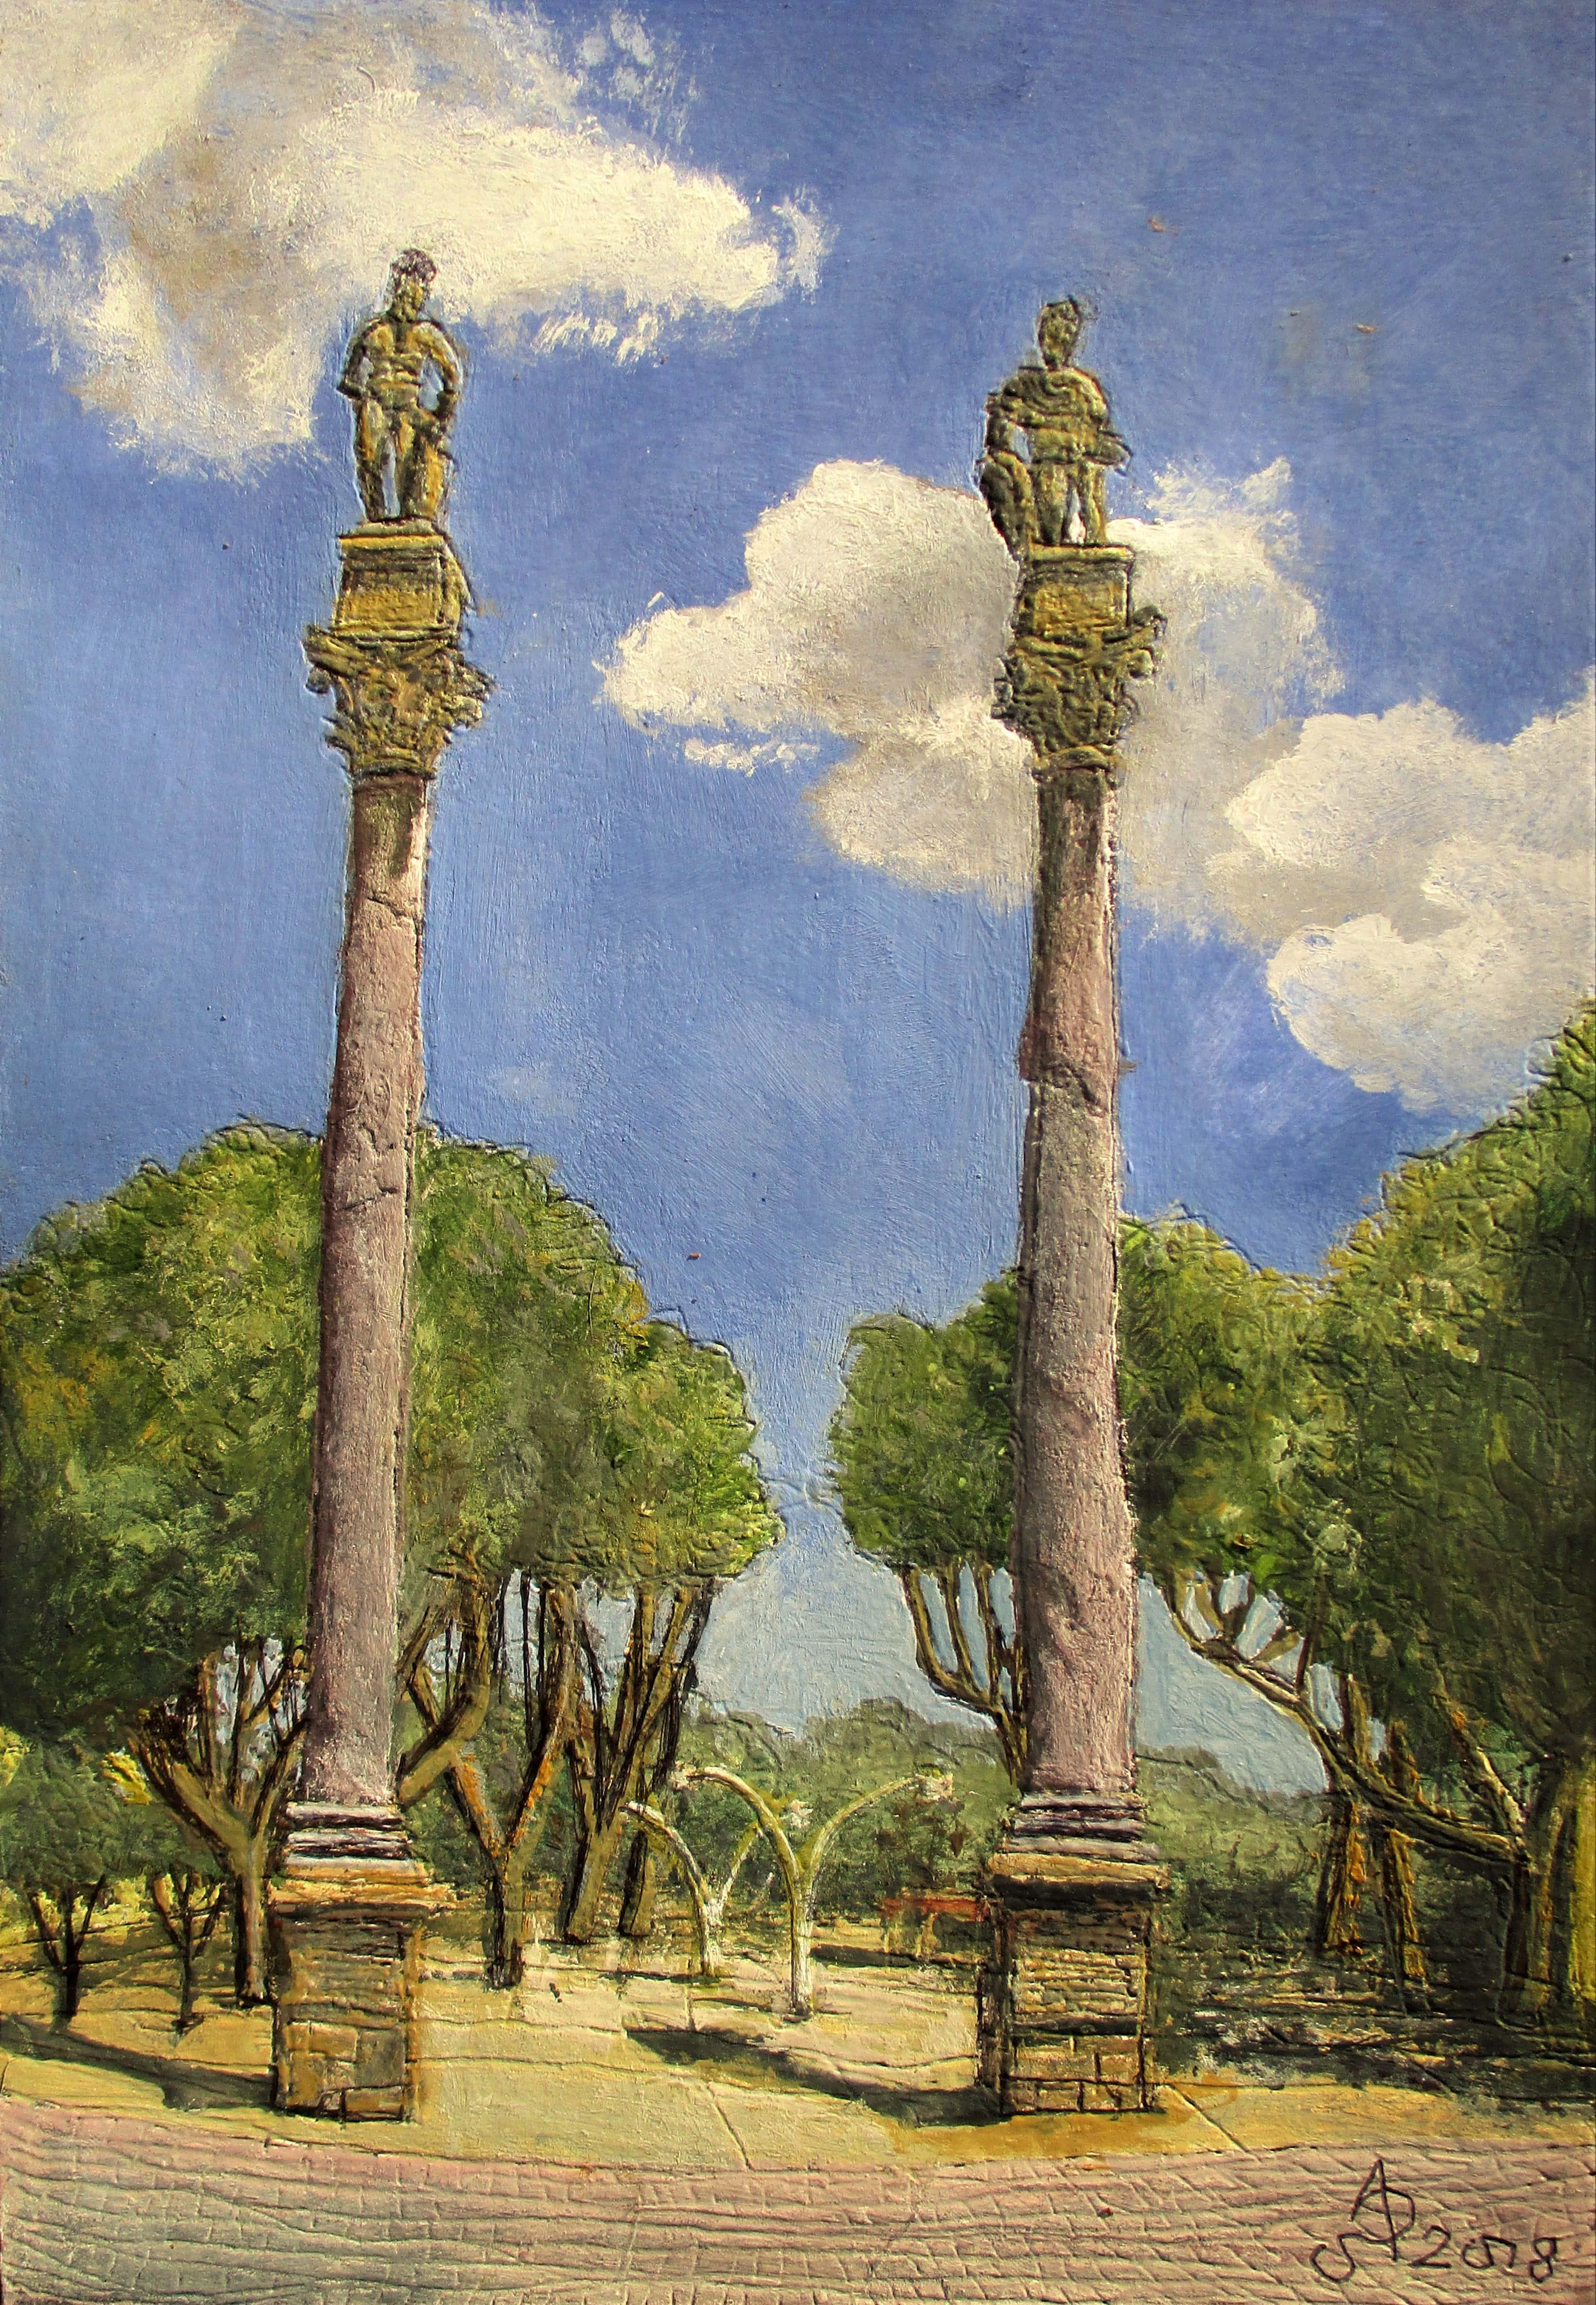 Sevilla. Columnas de Hércules. Tinta, acuarela y acrílico sobre papel, 30 x 21 cm. 2018.